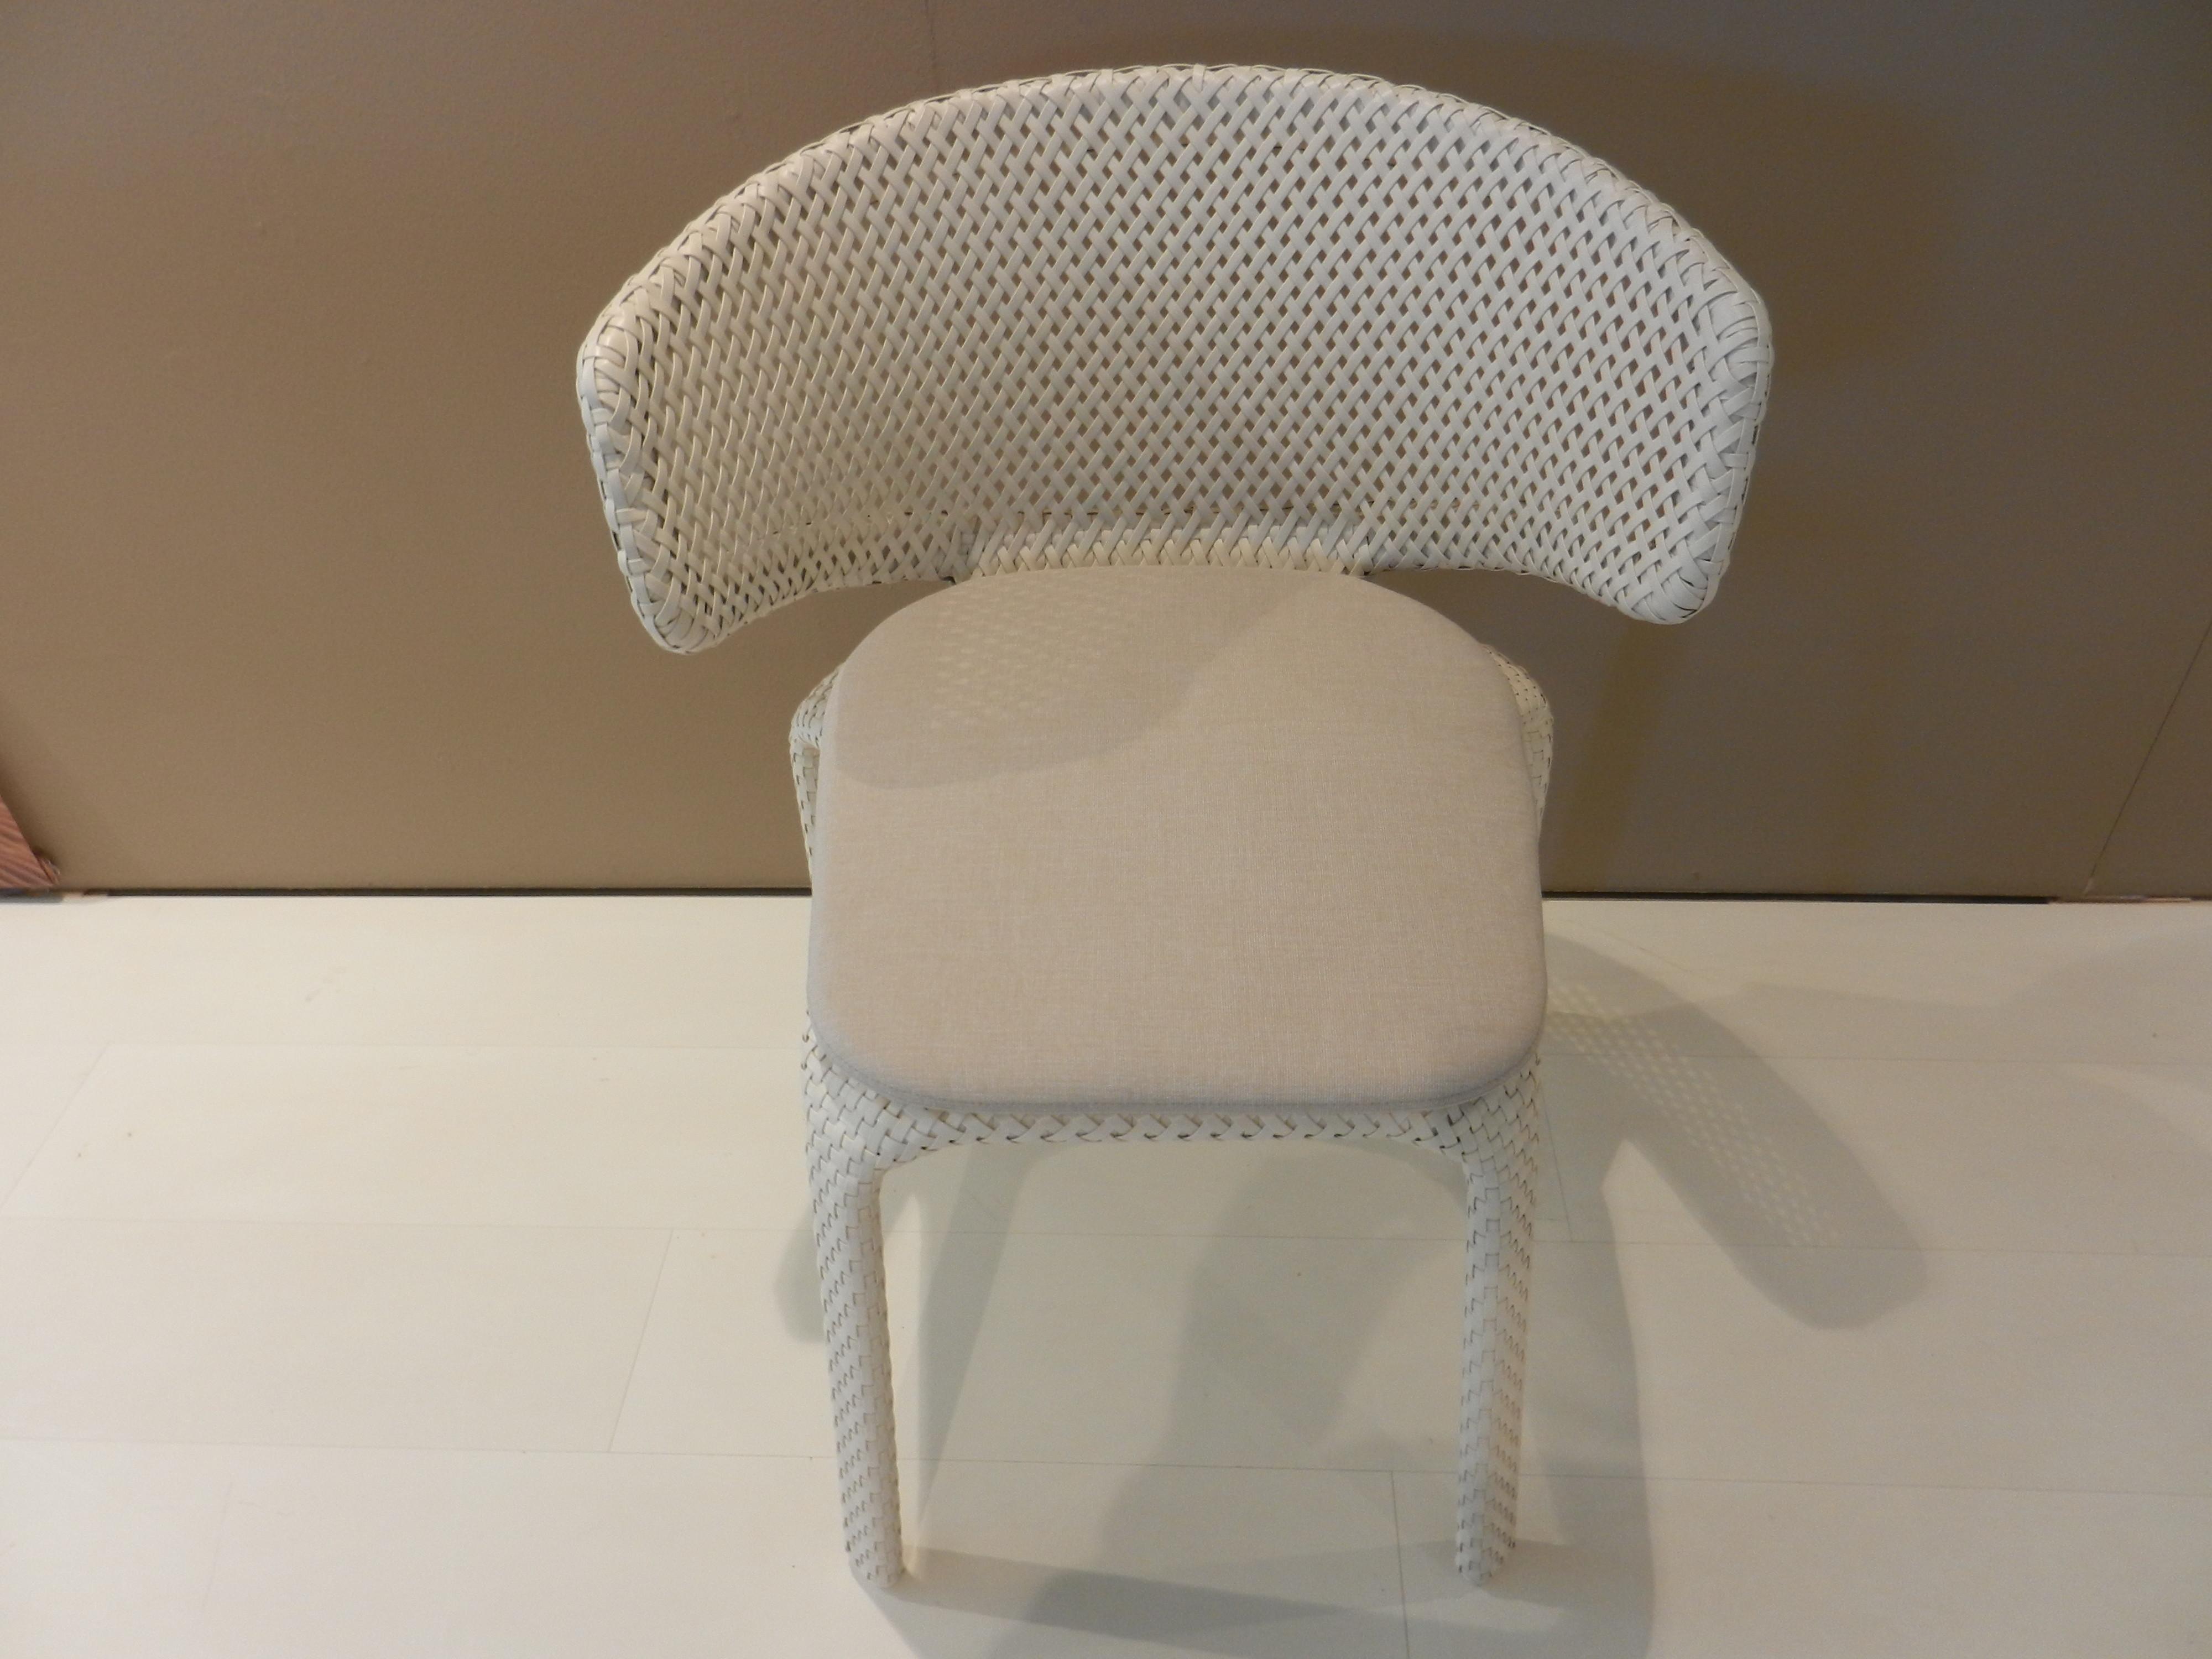 4 Stühle Seashell von Dedon 02